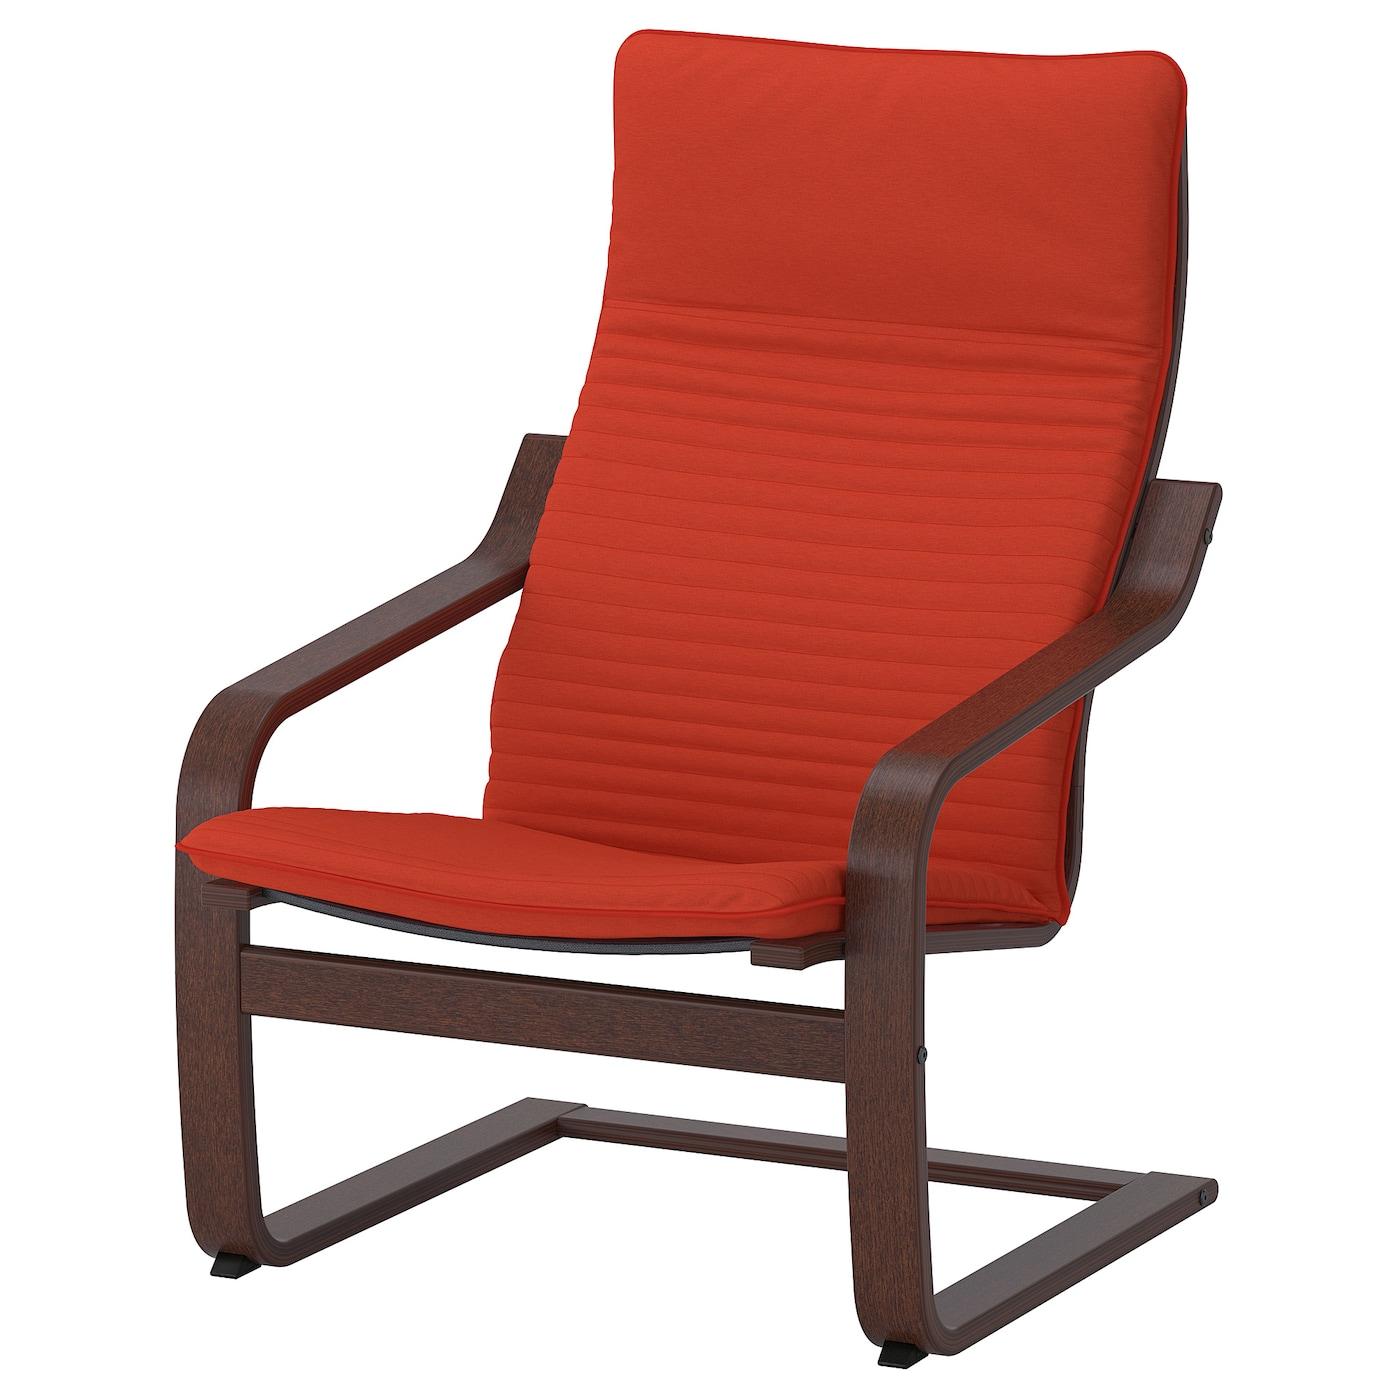 IKEA POÄNG czerwono-pomarańczowy fotel z brązową ramą